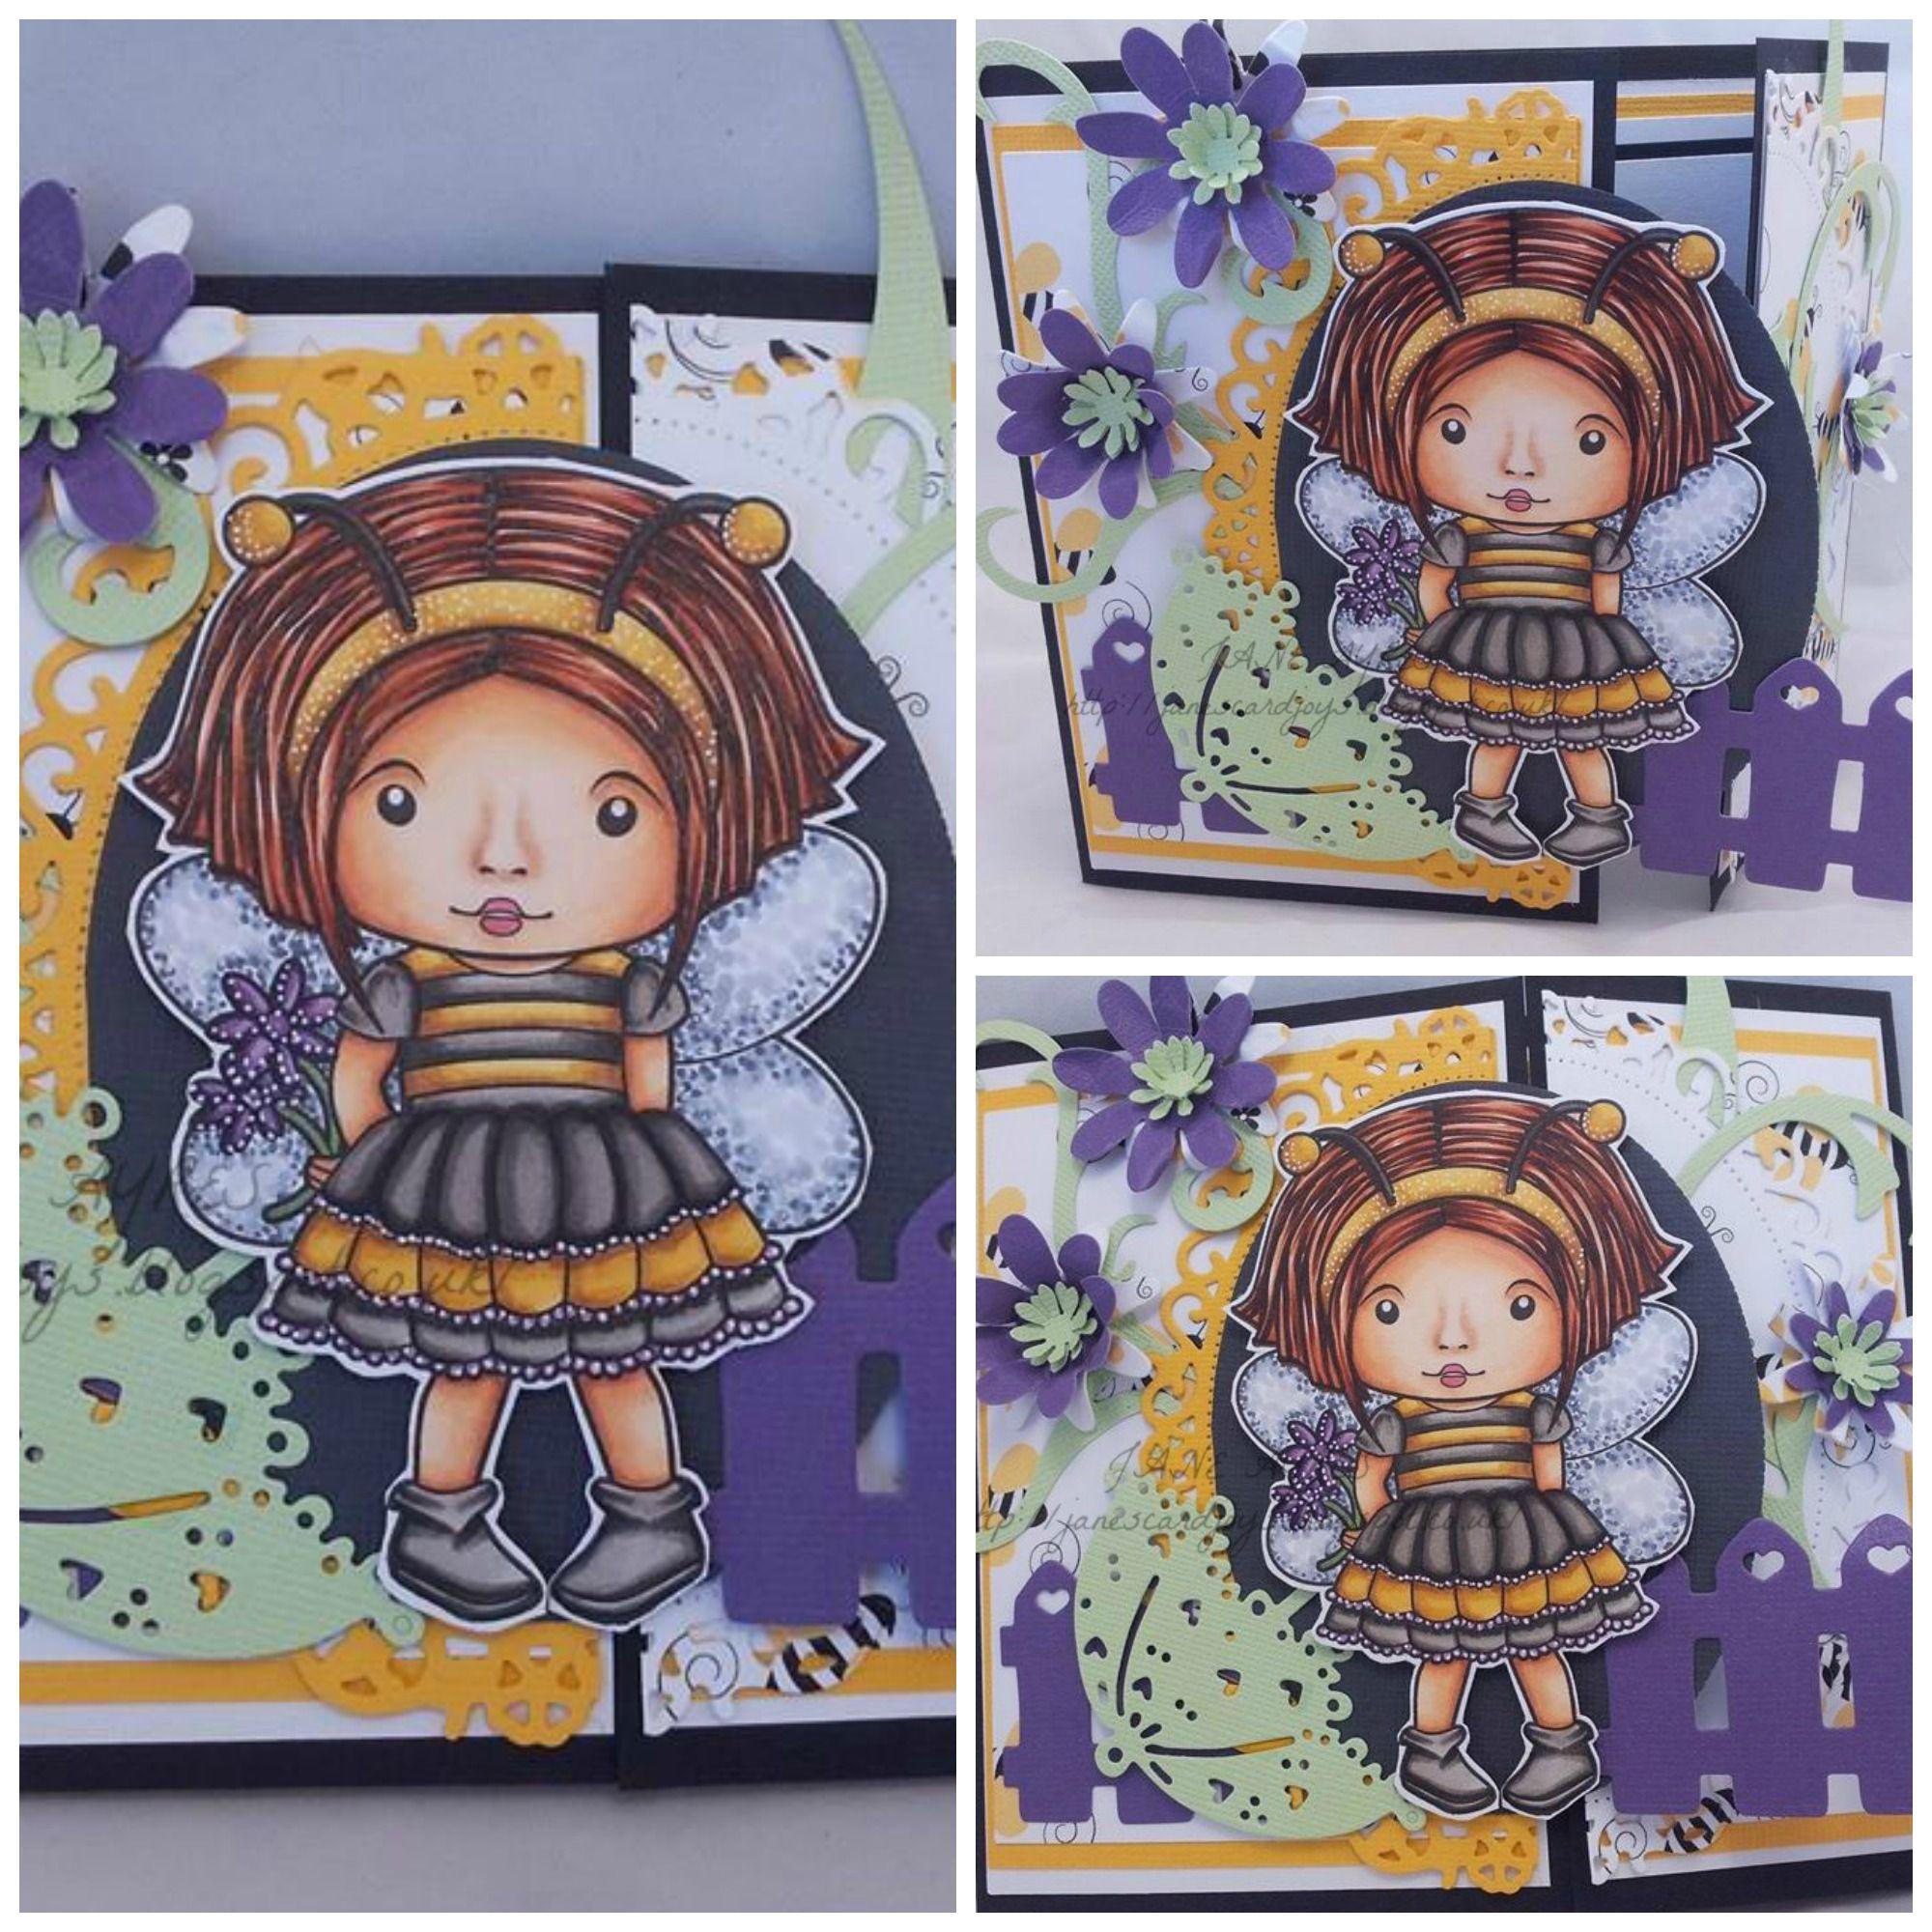 Star Cutouts sc856/marzo de liebre/ /Alicia en el pa/ís de las maravillas cart/ón Cut Out